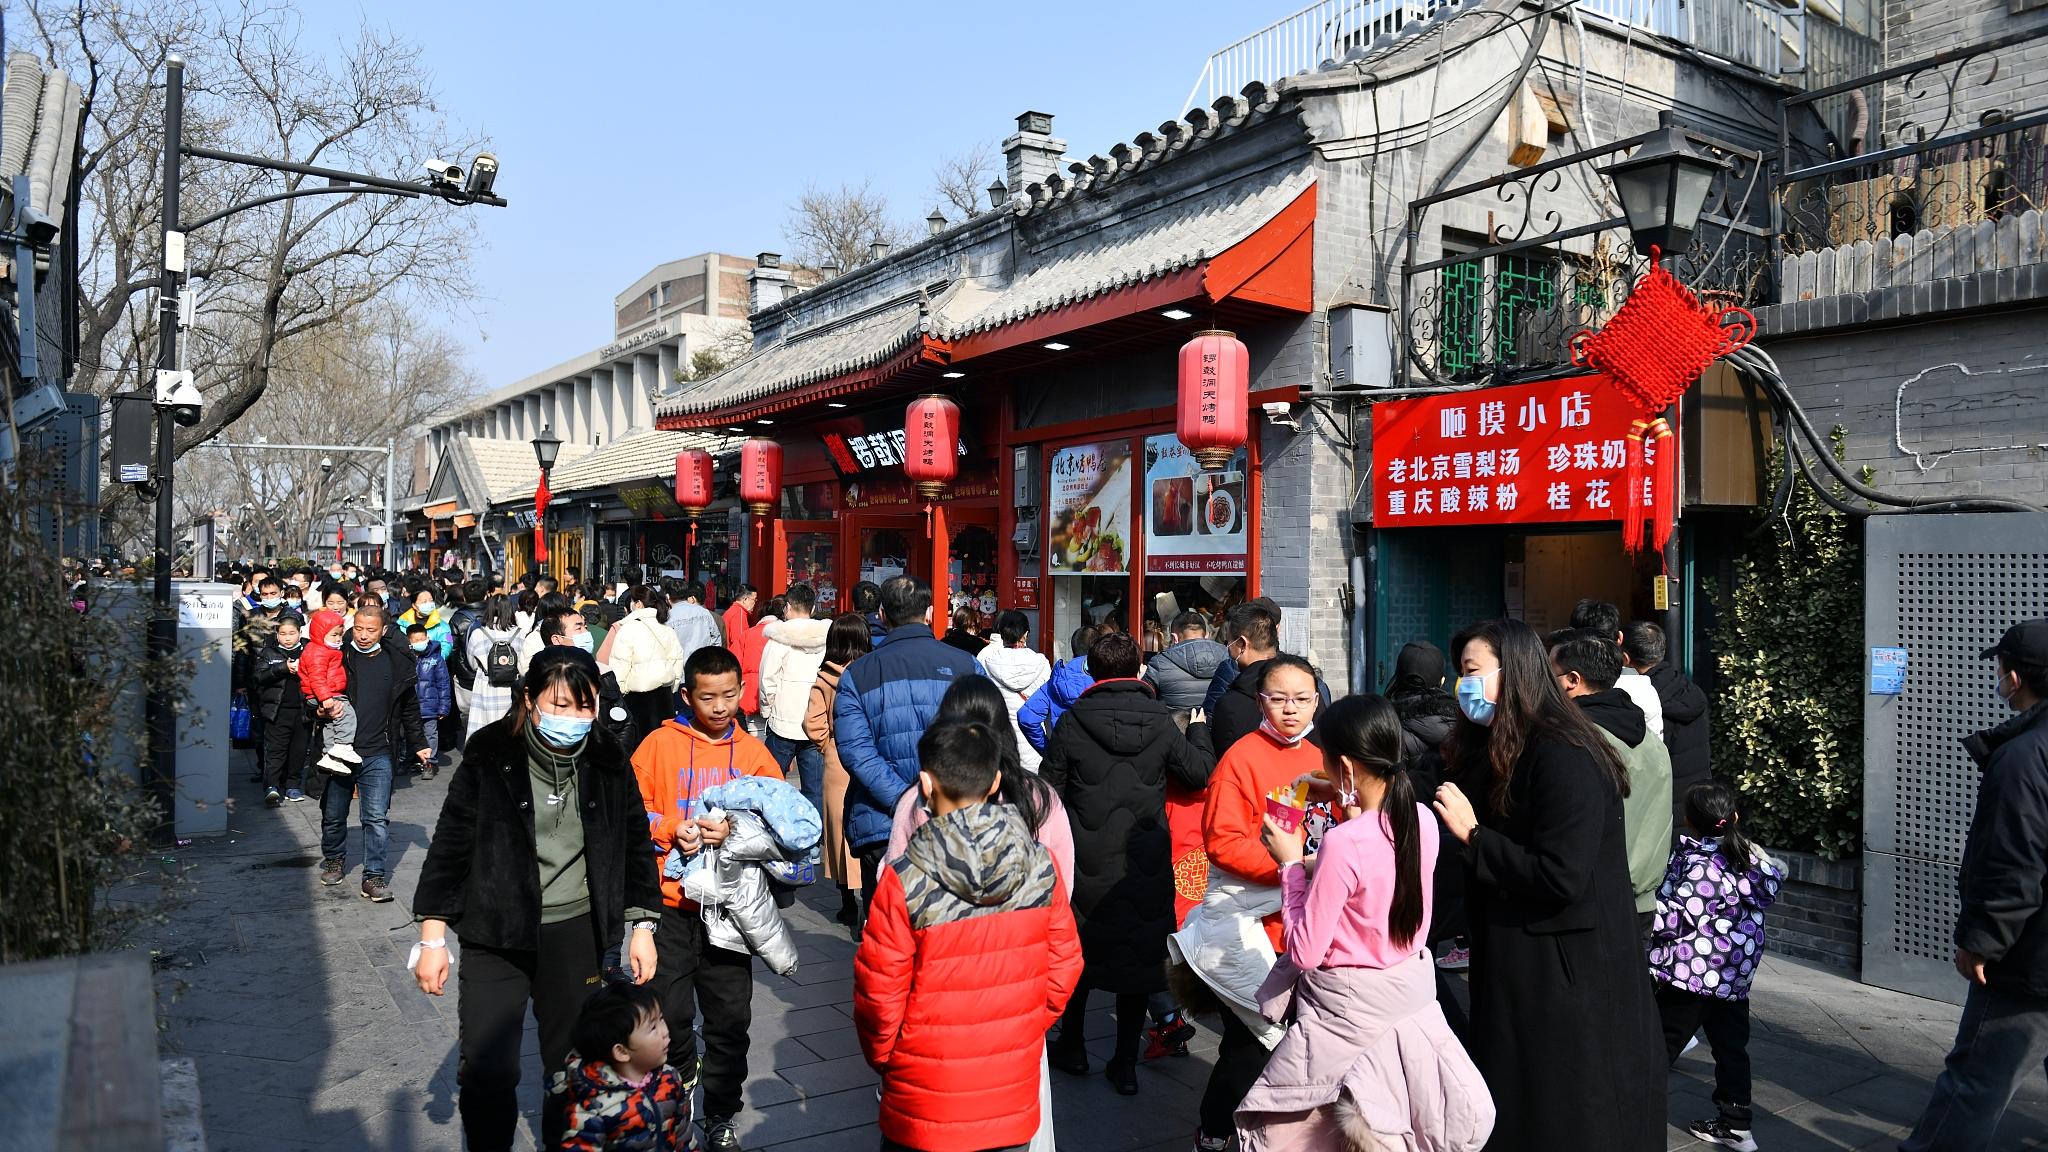 Khách đổ xô tới phố cổ Nanluoguxiang Lane ngày 12/2. Ảnh: CFP